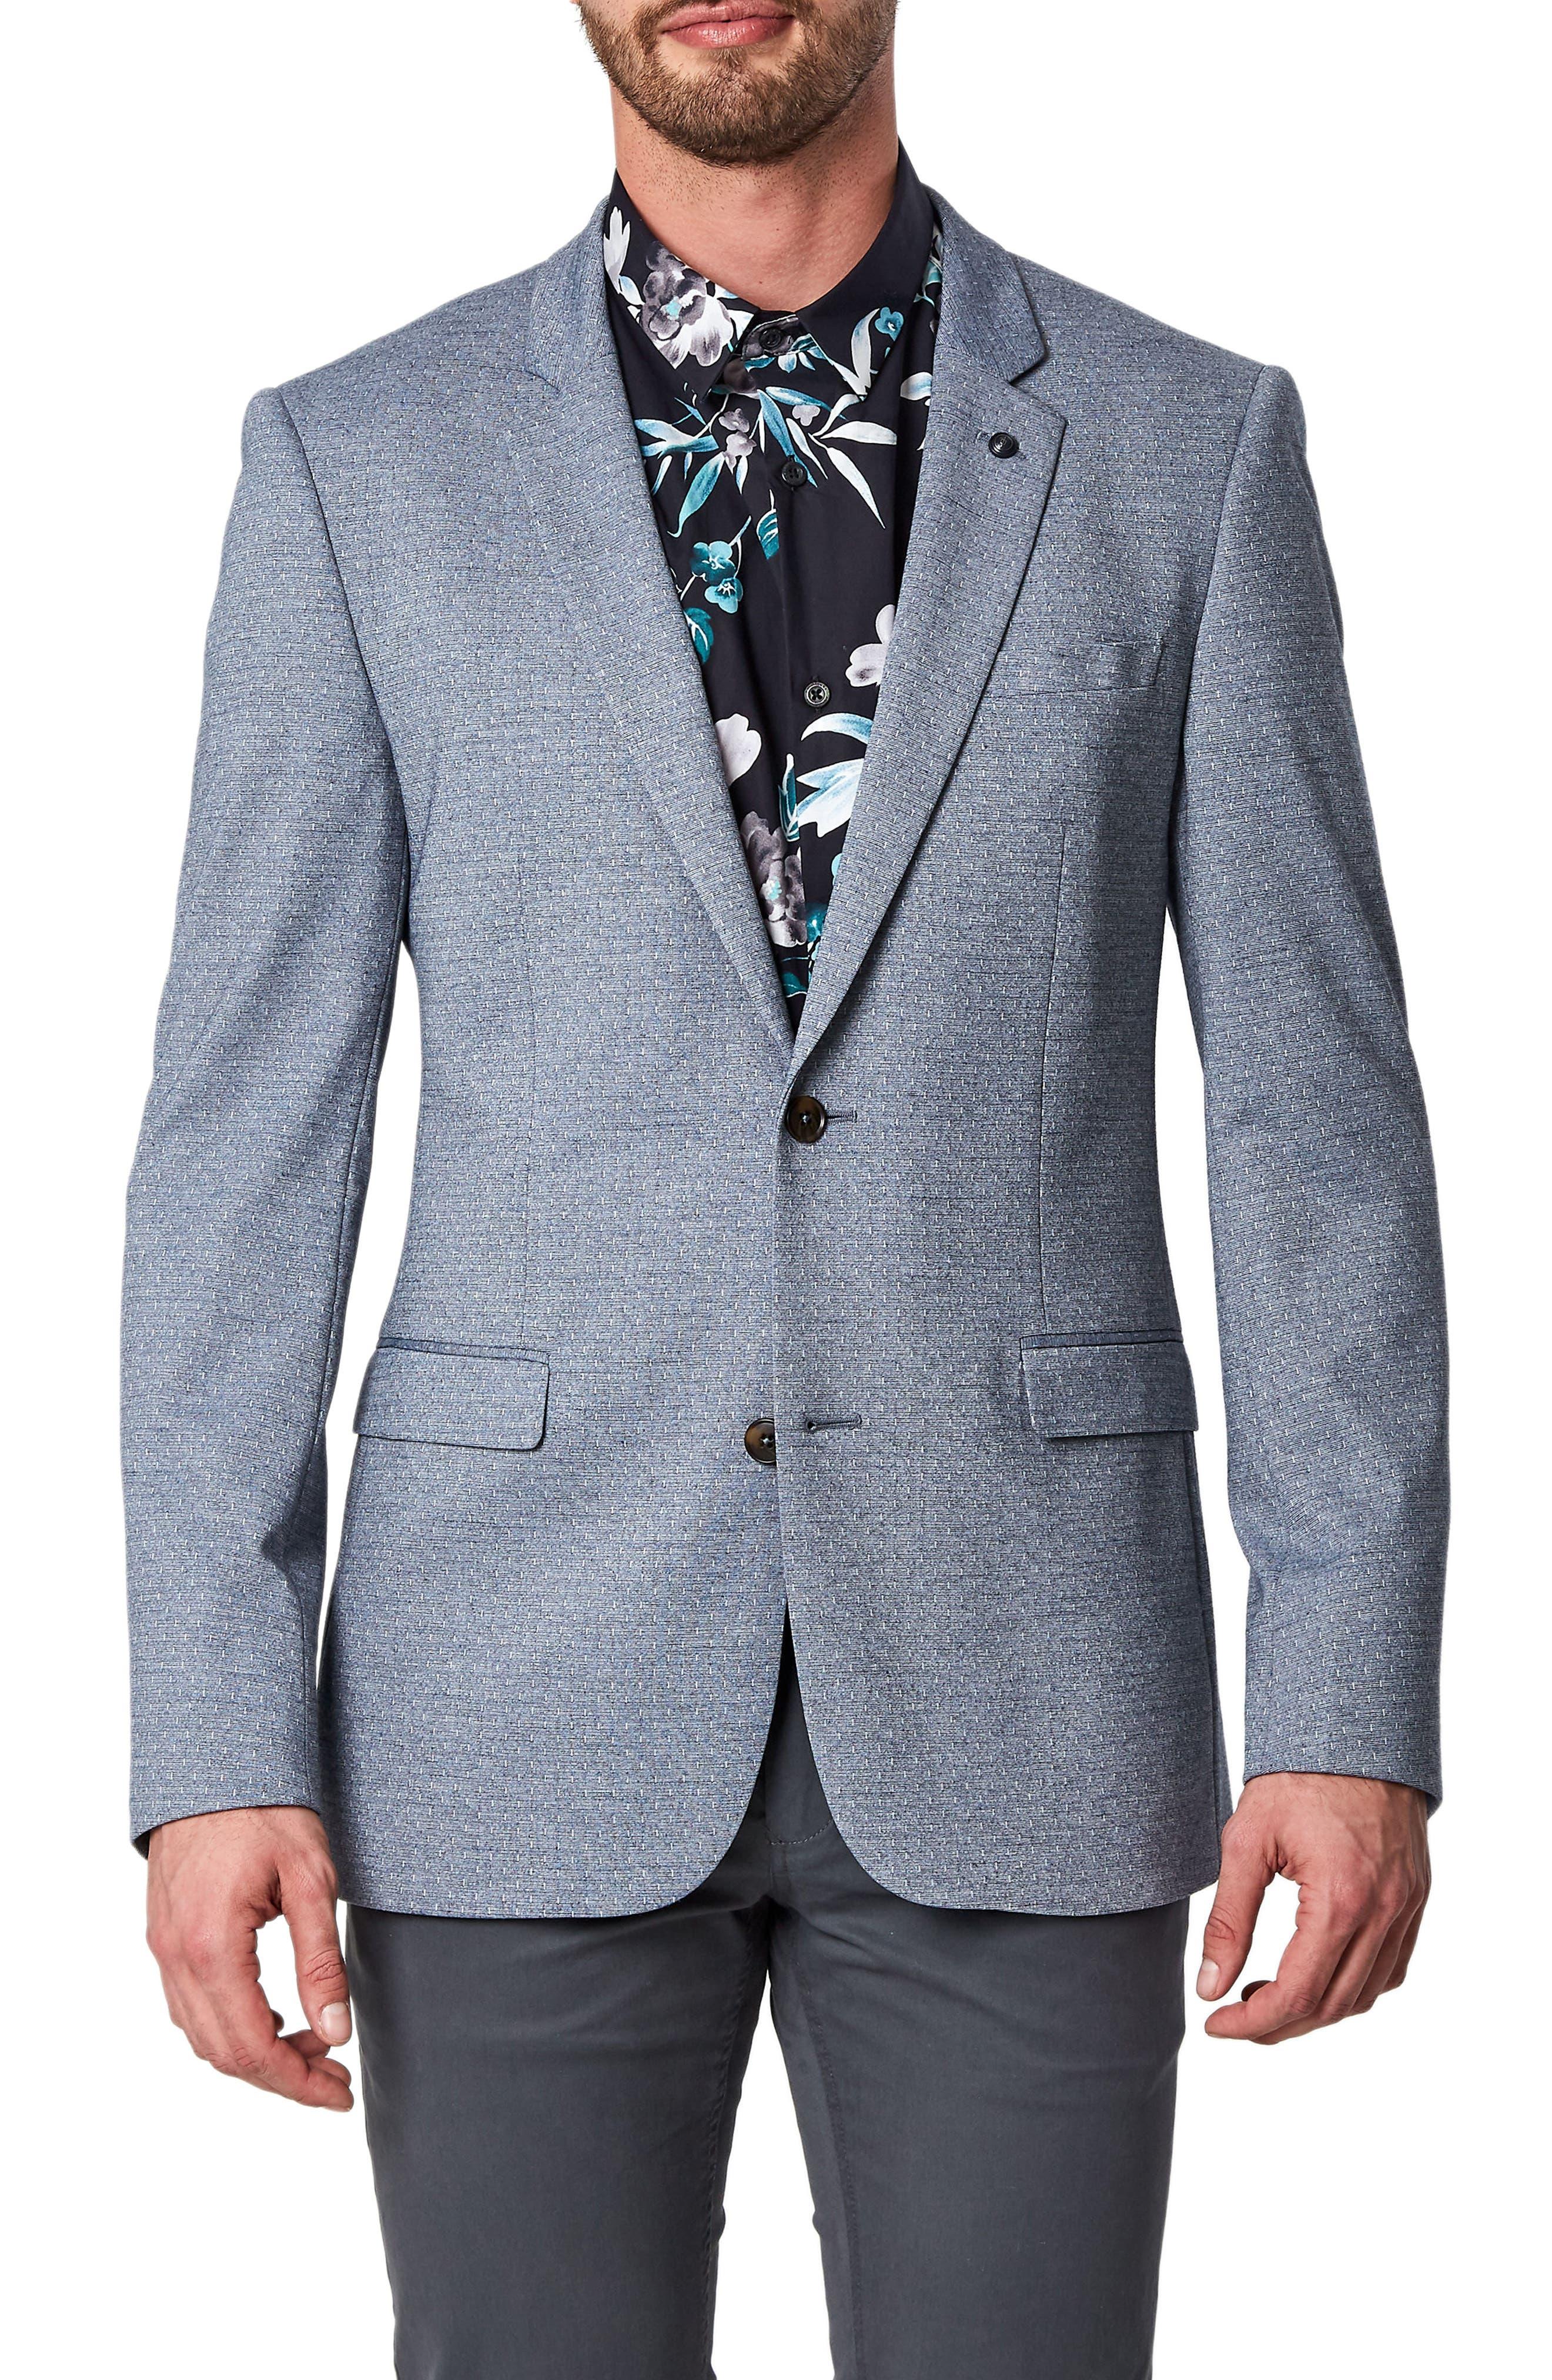 Felico Trim Fit Sport Coat,                         Main,                         color, 410